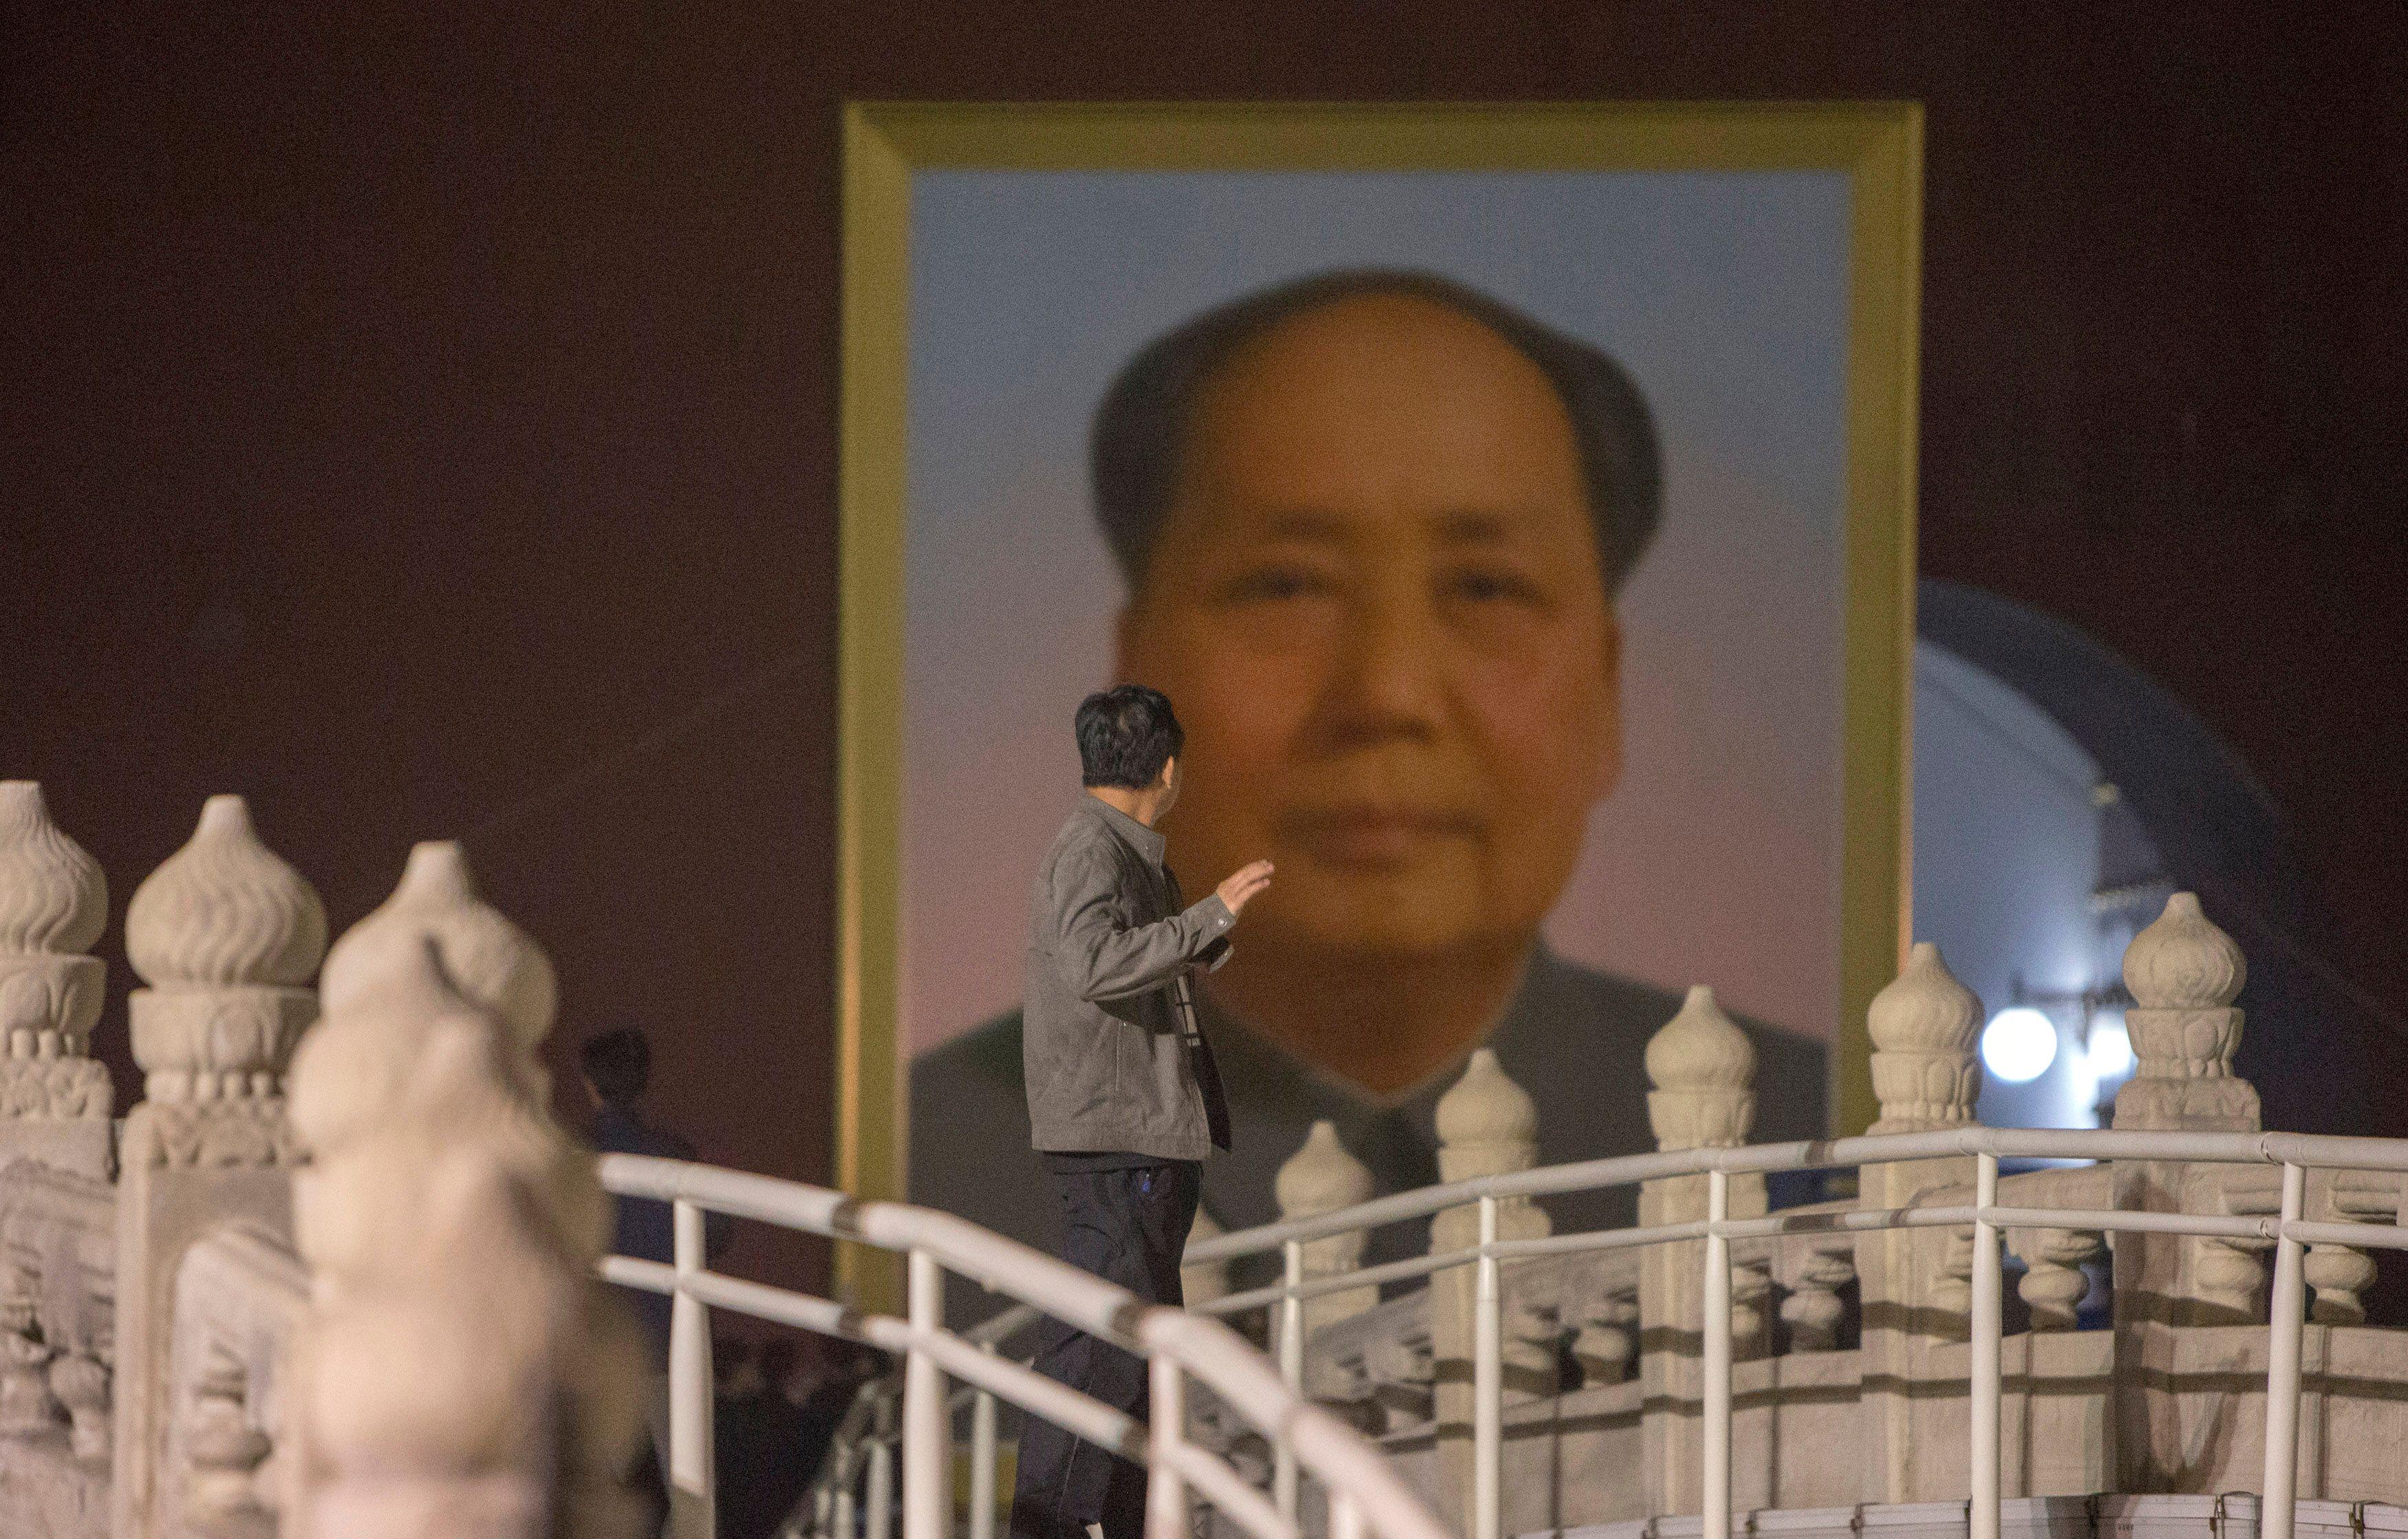 Chine : une femme est le sosie de Mao Zedong